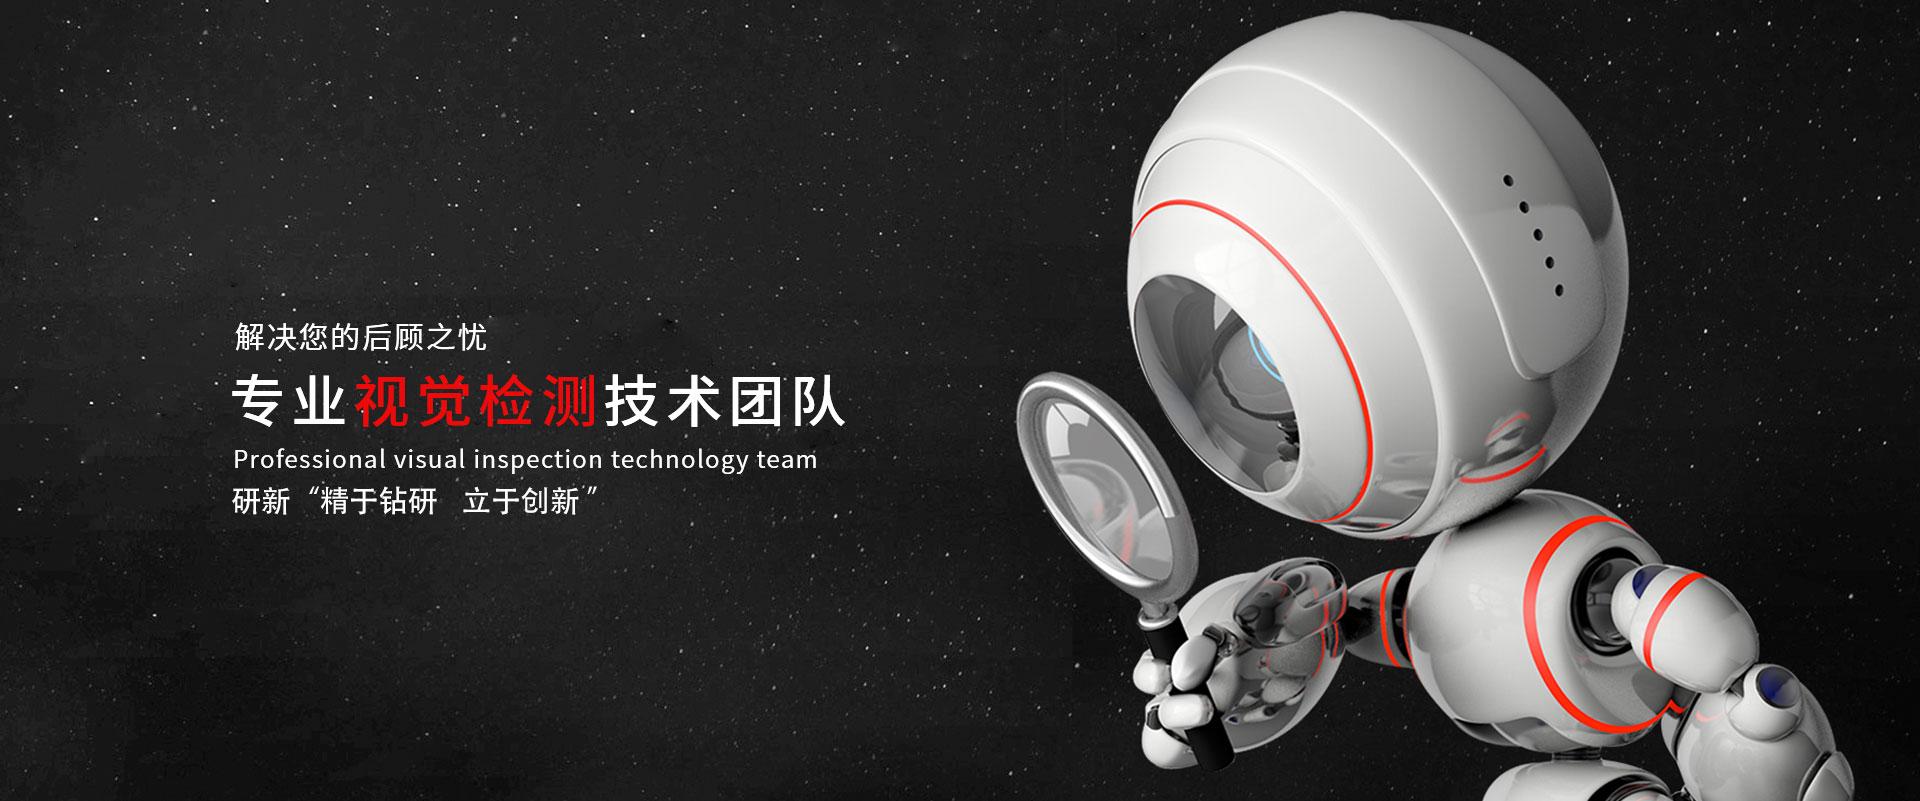 工业视觉检测设备